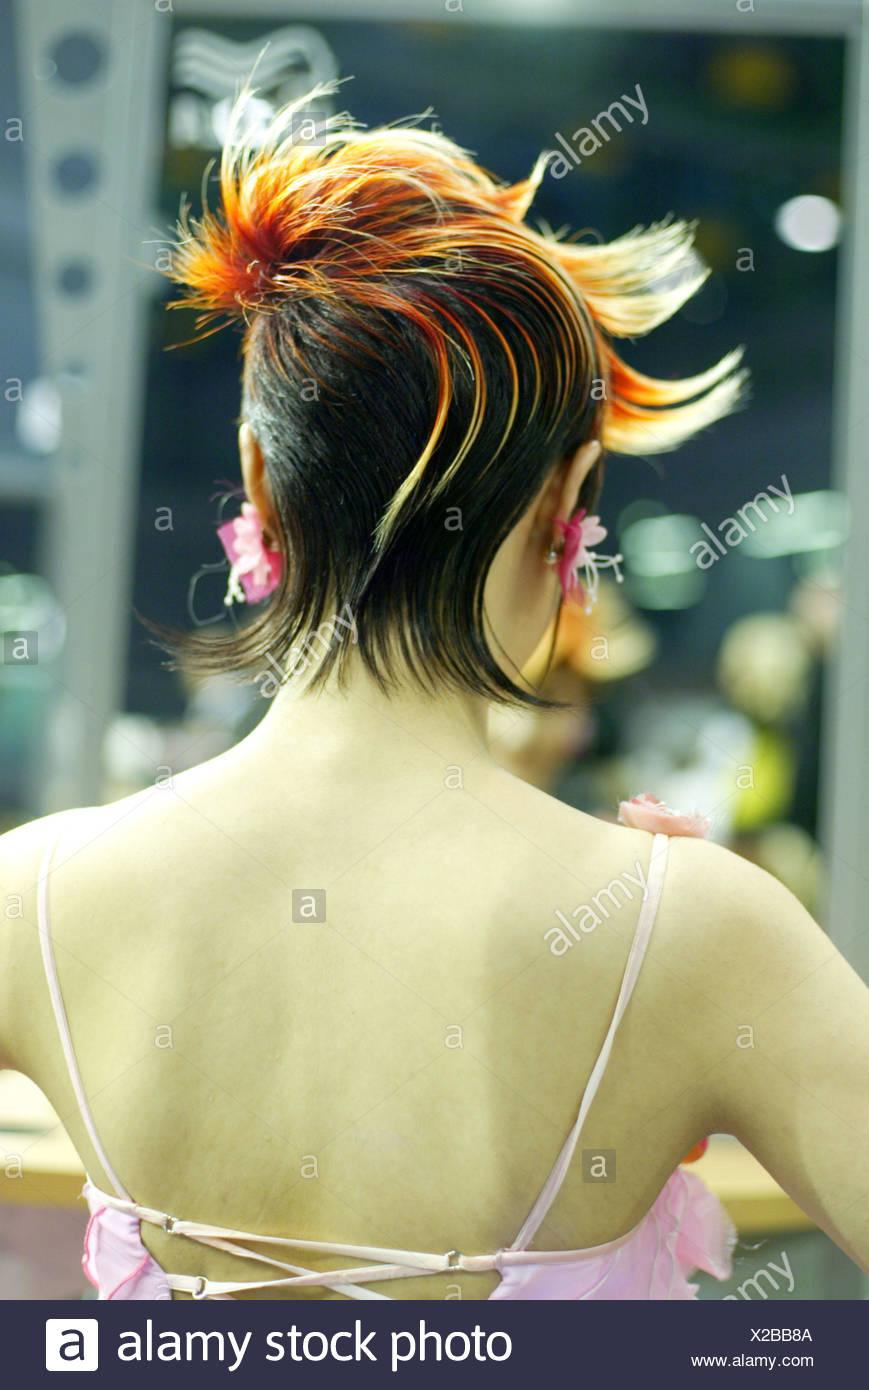 https www alamyimages fr femme jeune cheveux courts coiffure frivole vue arriere modele modele de cheveux coiffure stylisme elegamment couleur cheveux multicolore a la mode effronte exceptionnellement hairstyle mode de vie l edition la coupe de cheveux asymetrisch image276845530 html